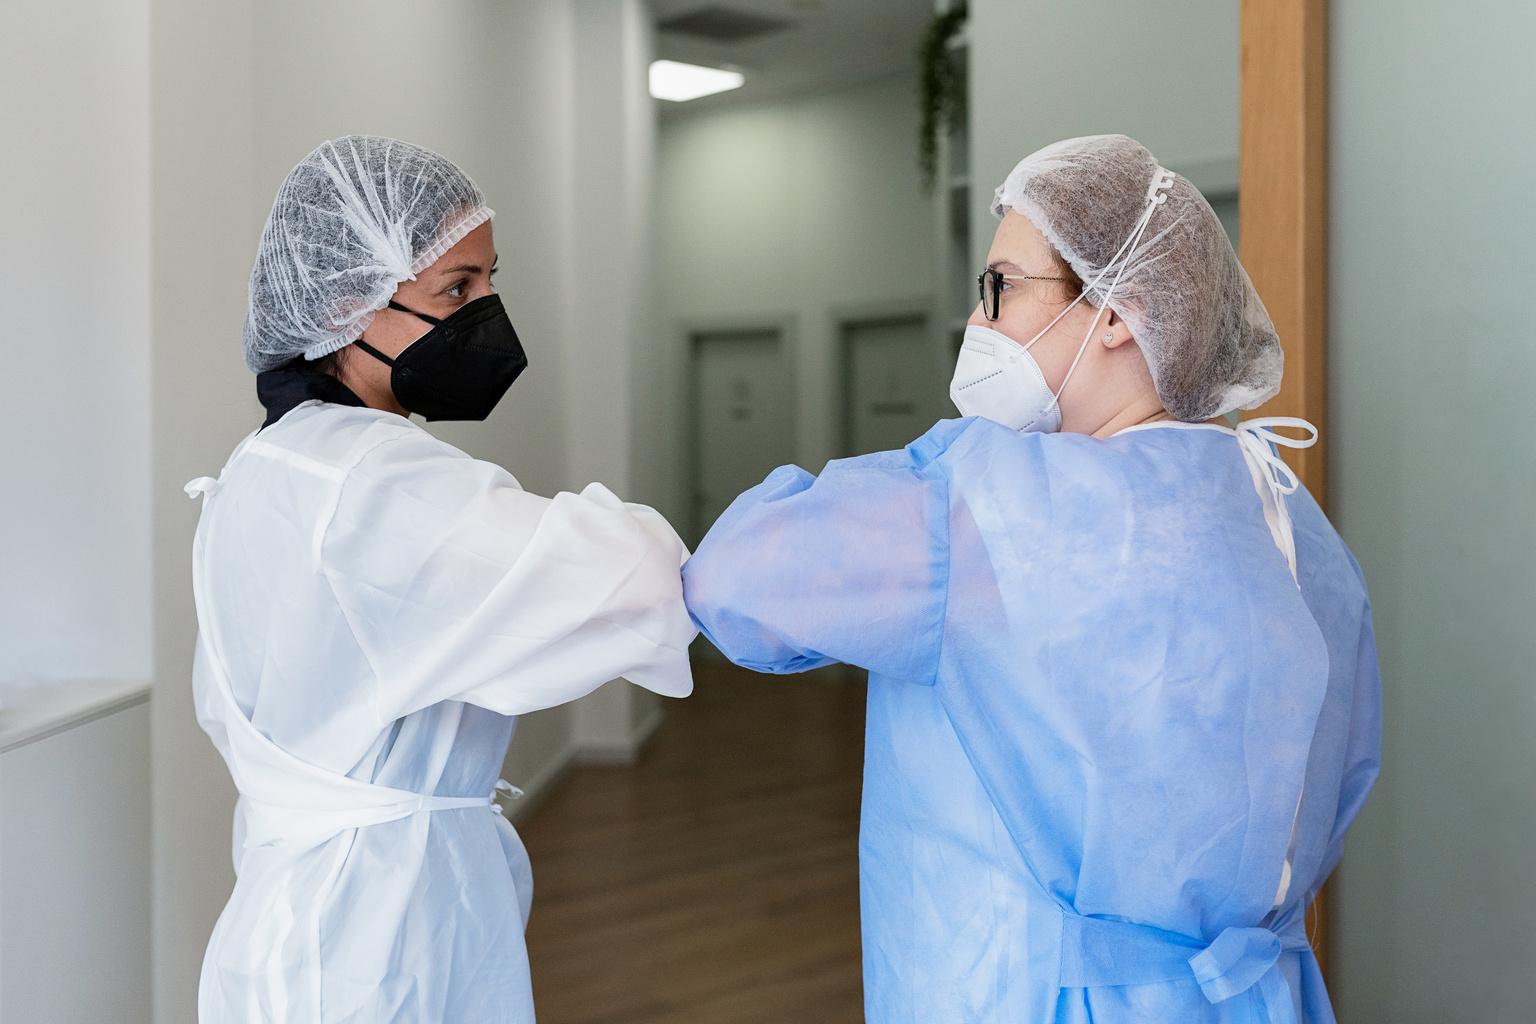 Nursing stories untold: Compassion unbound